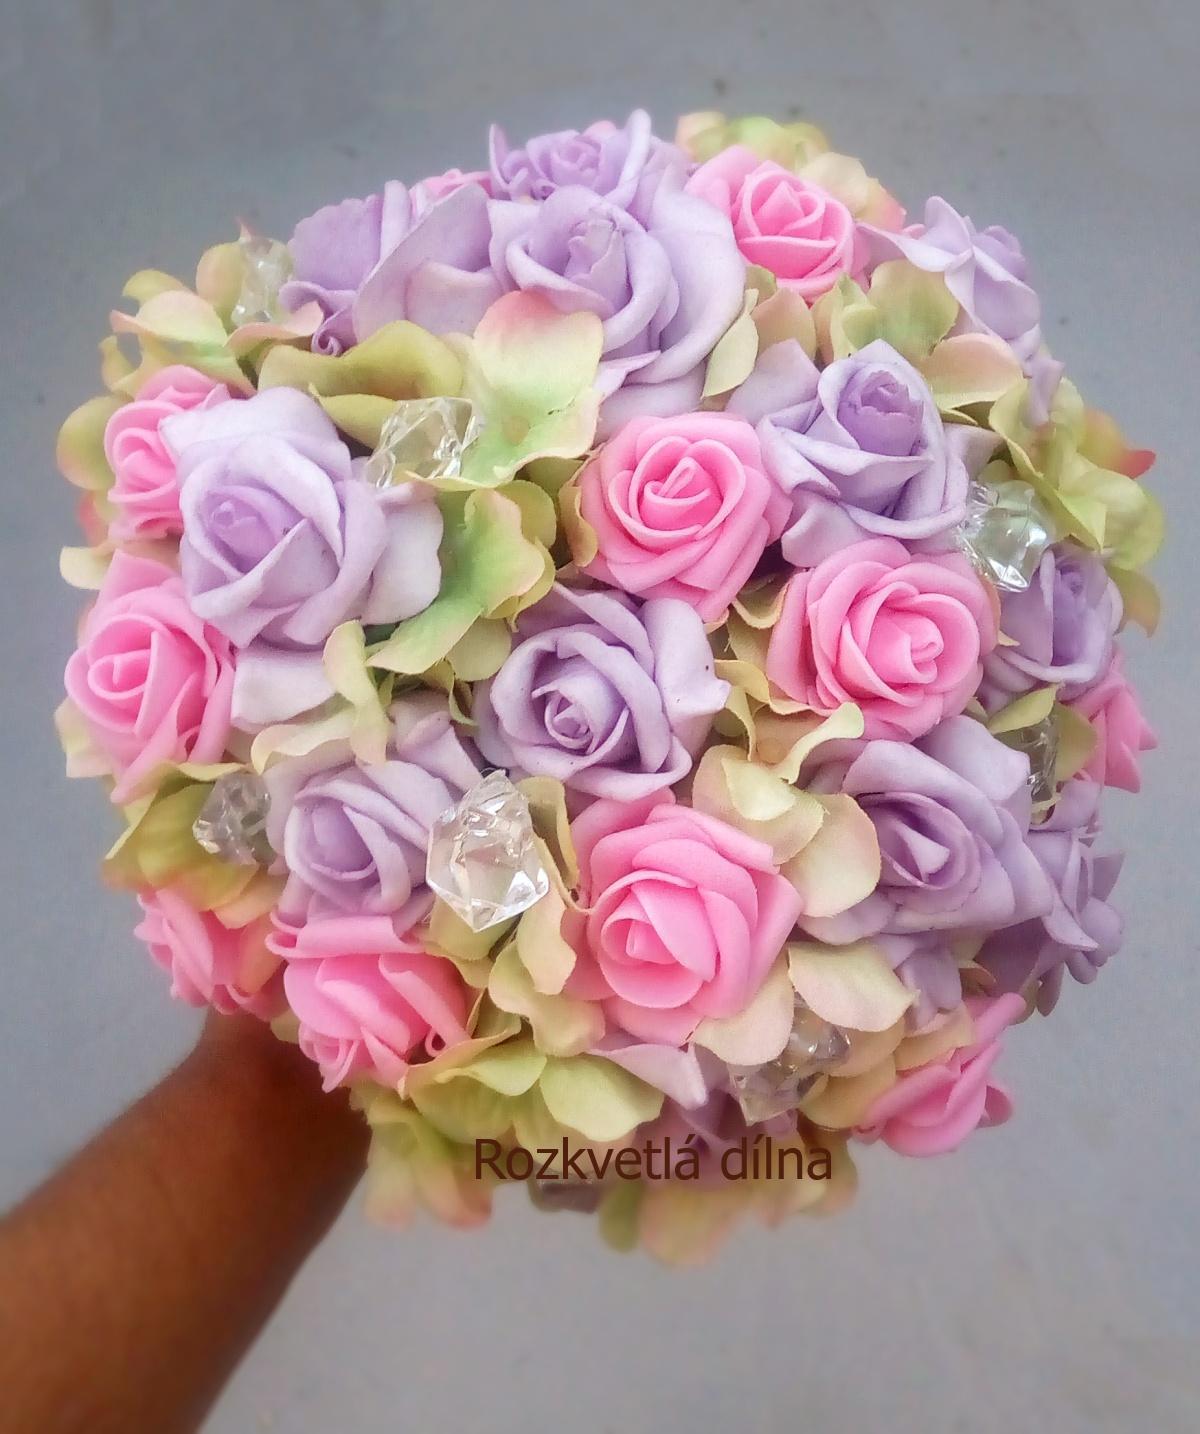 Růže a hortenzie - kytice - Obrázek č. 1